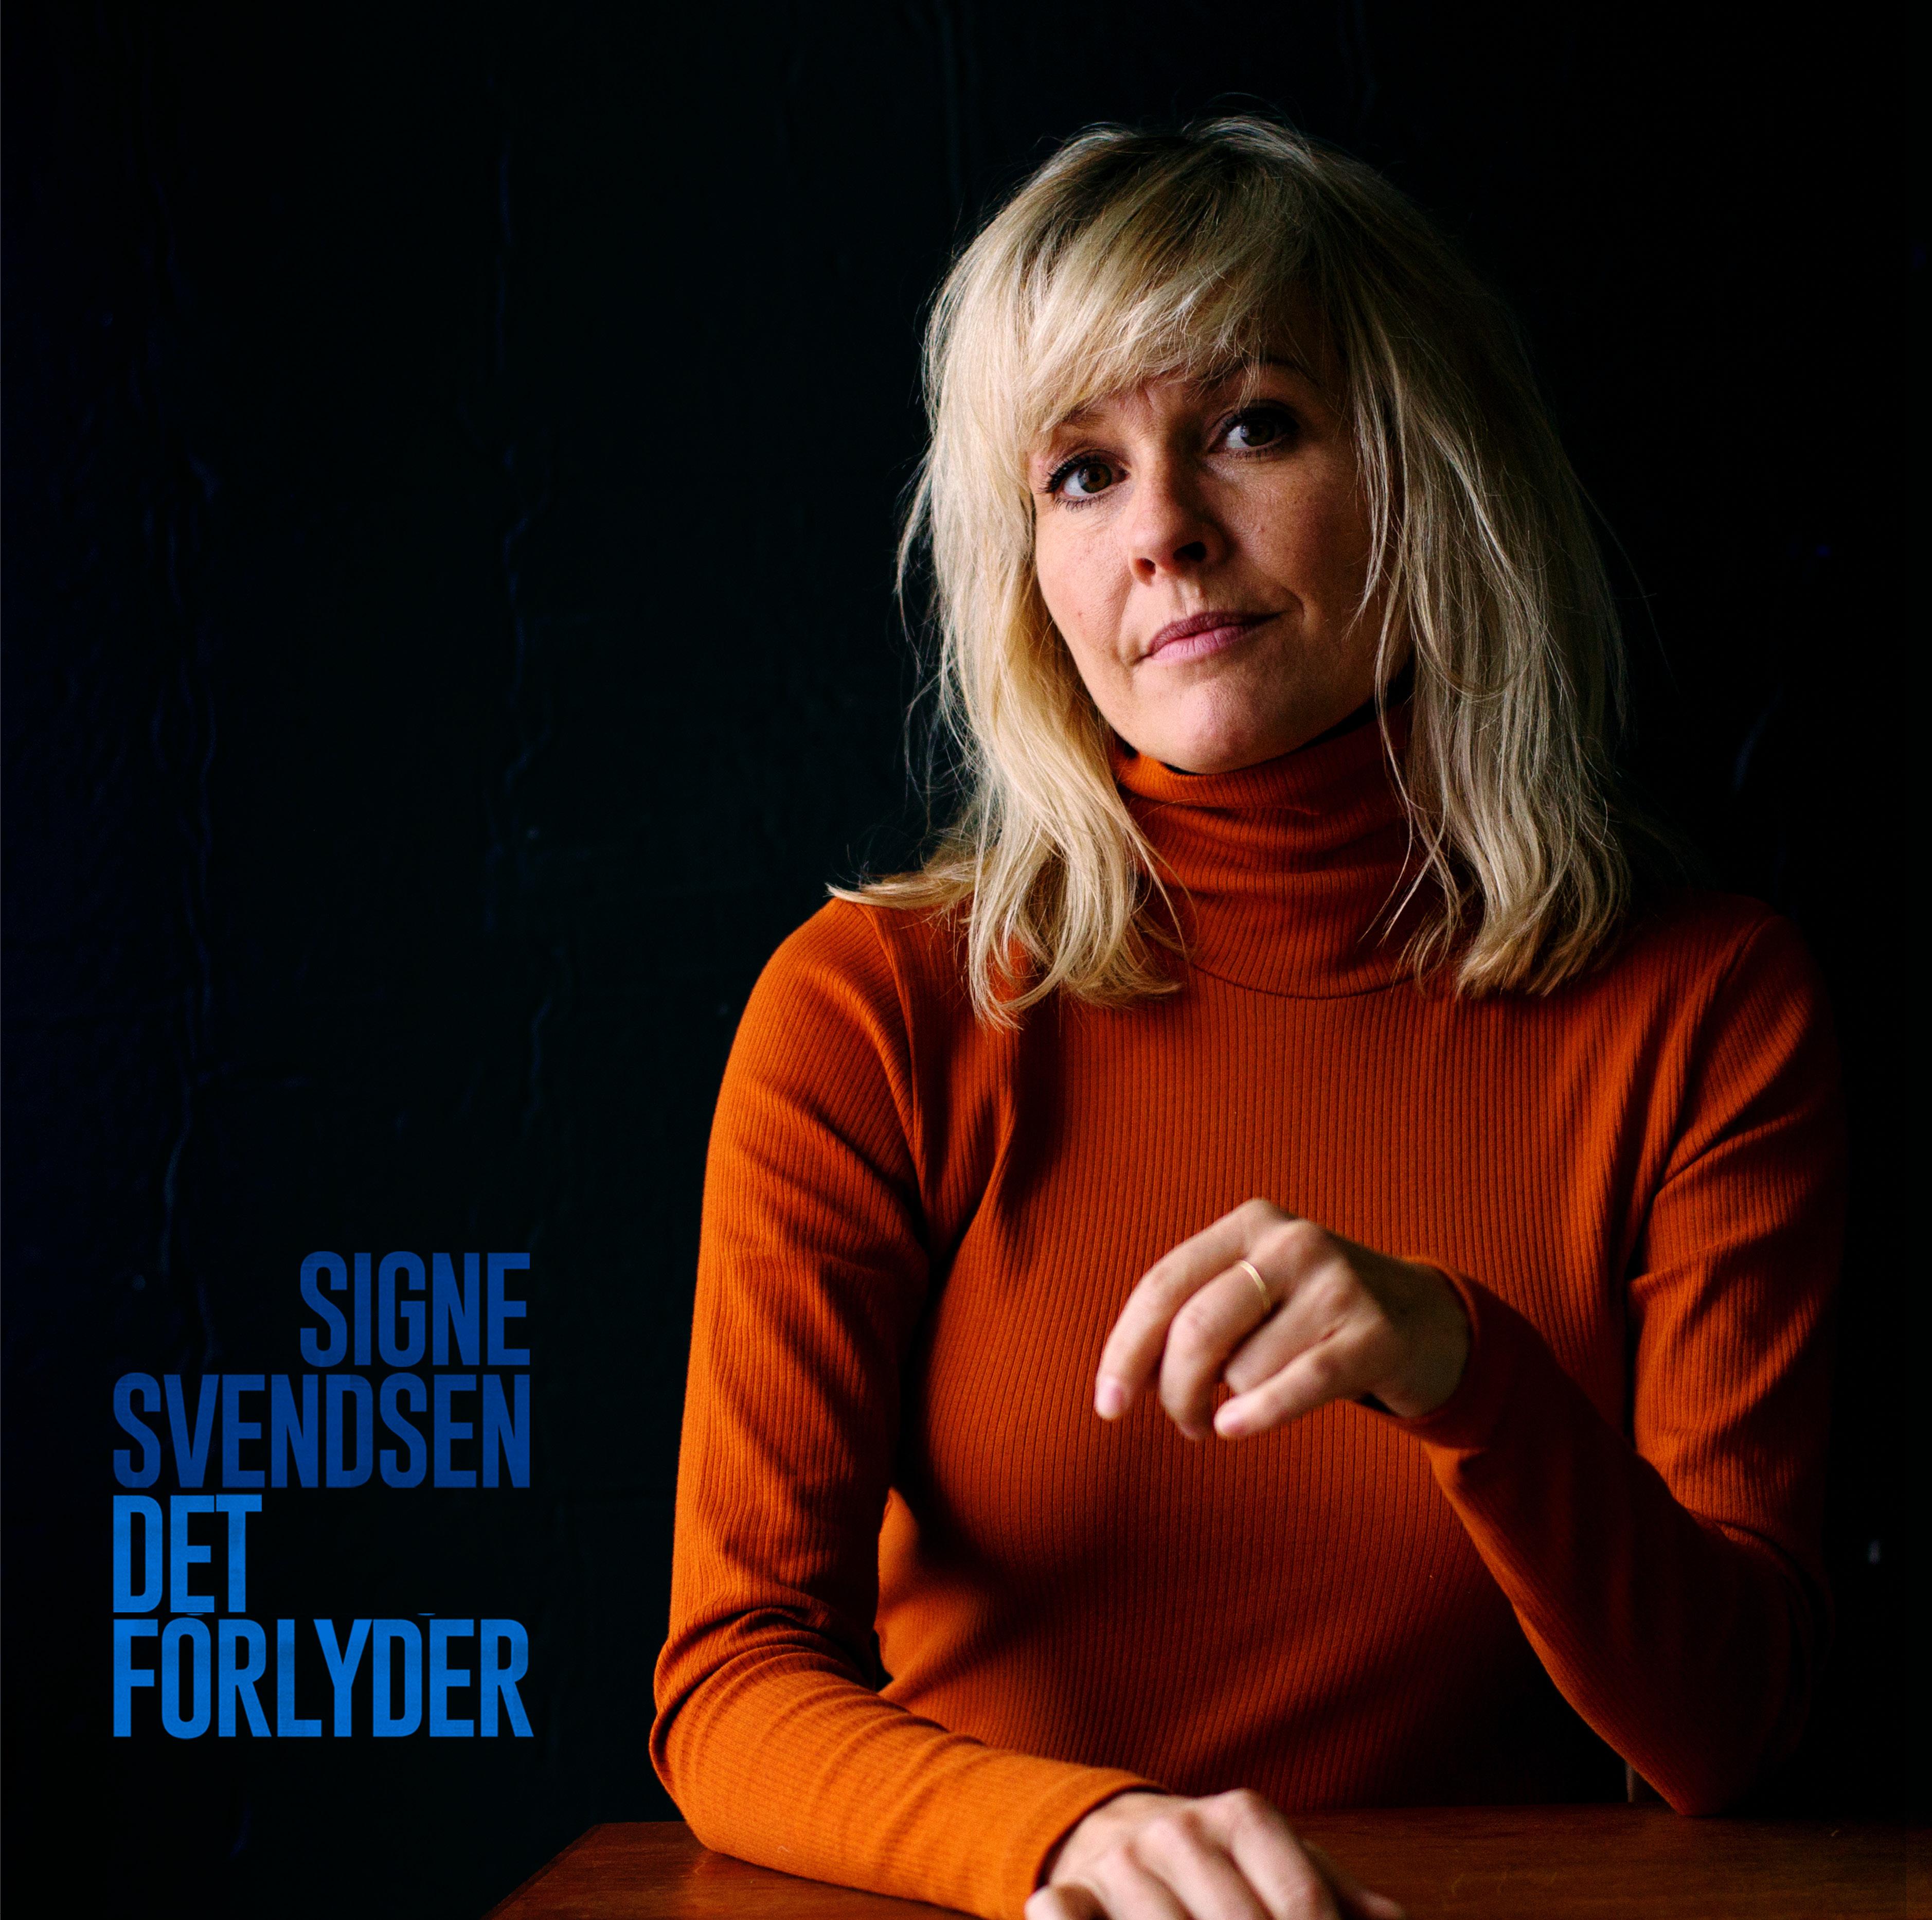 Det Forlyder - Signe Svendsen - Musik -  - 5707785011300 - January 31, 2020